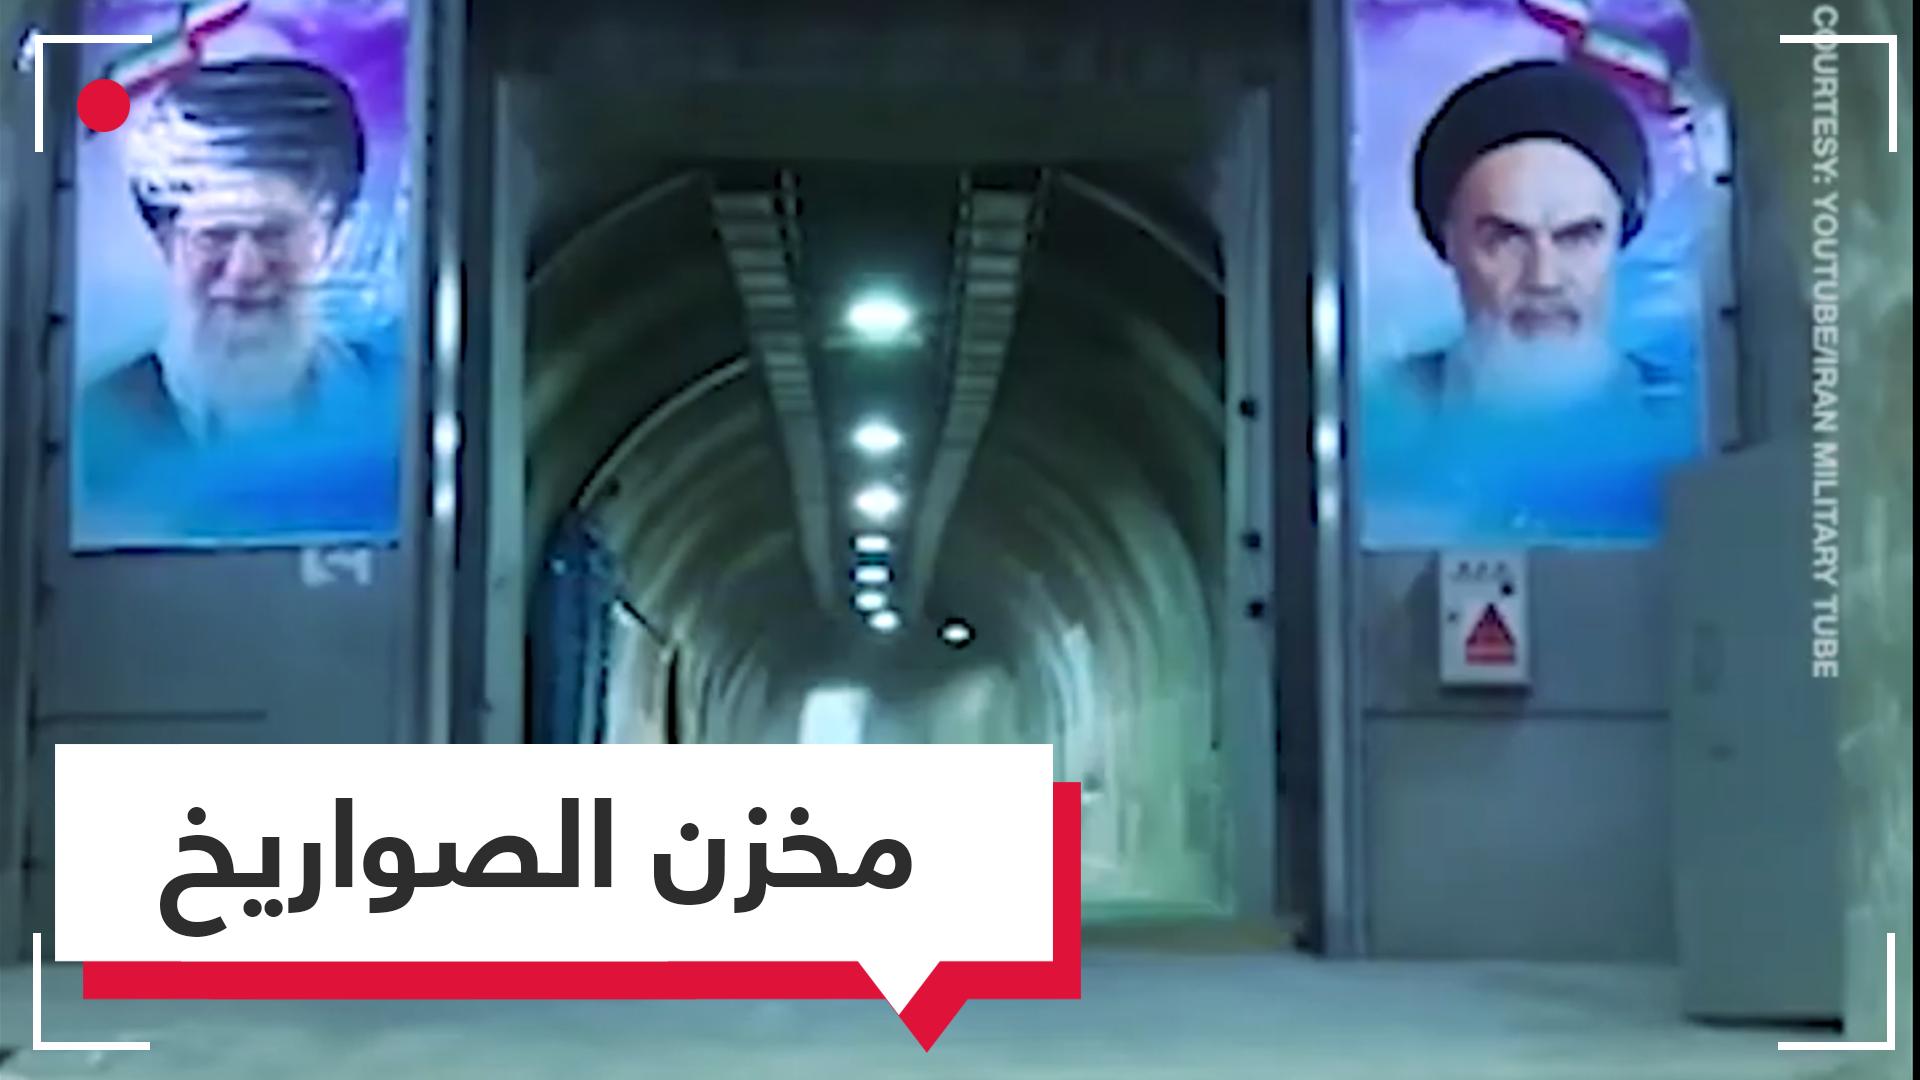 لقطات نادرة من مخزن الصواريخ الإيرانية السري تحت الأرض